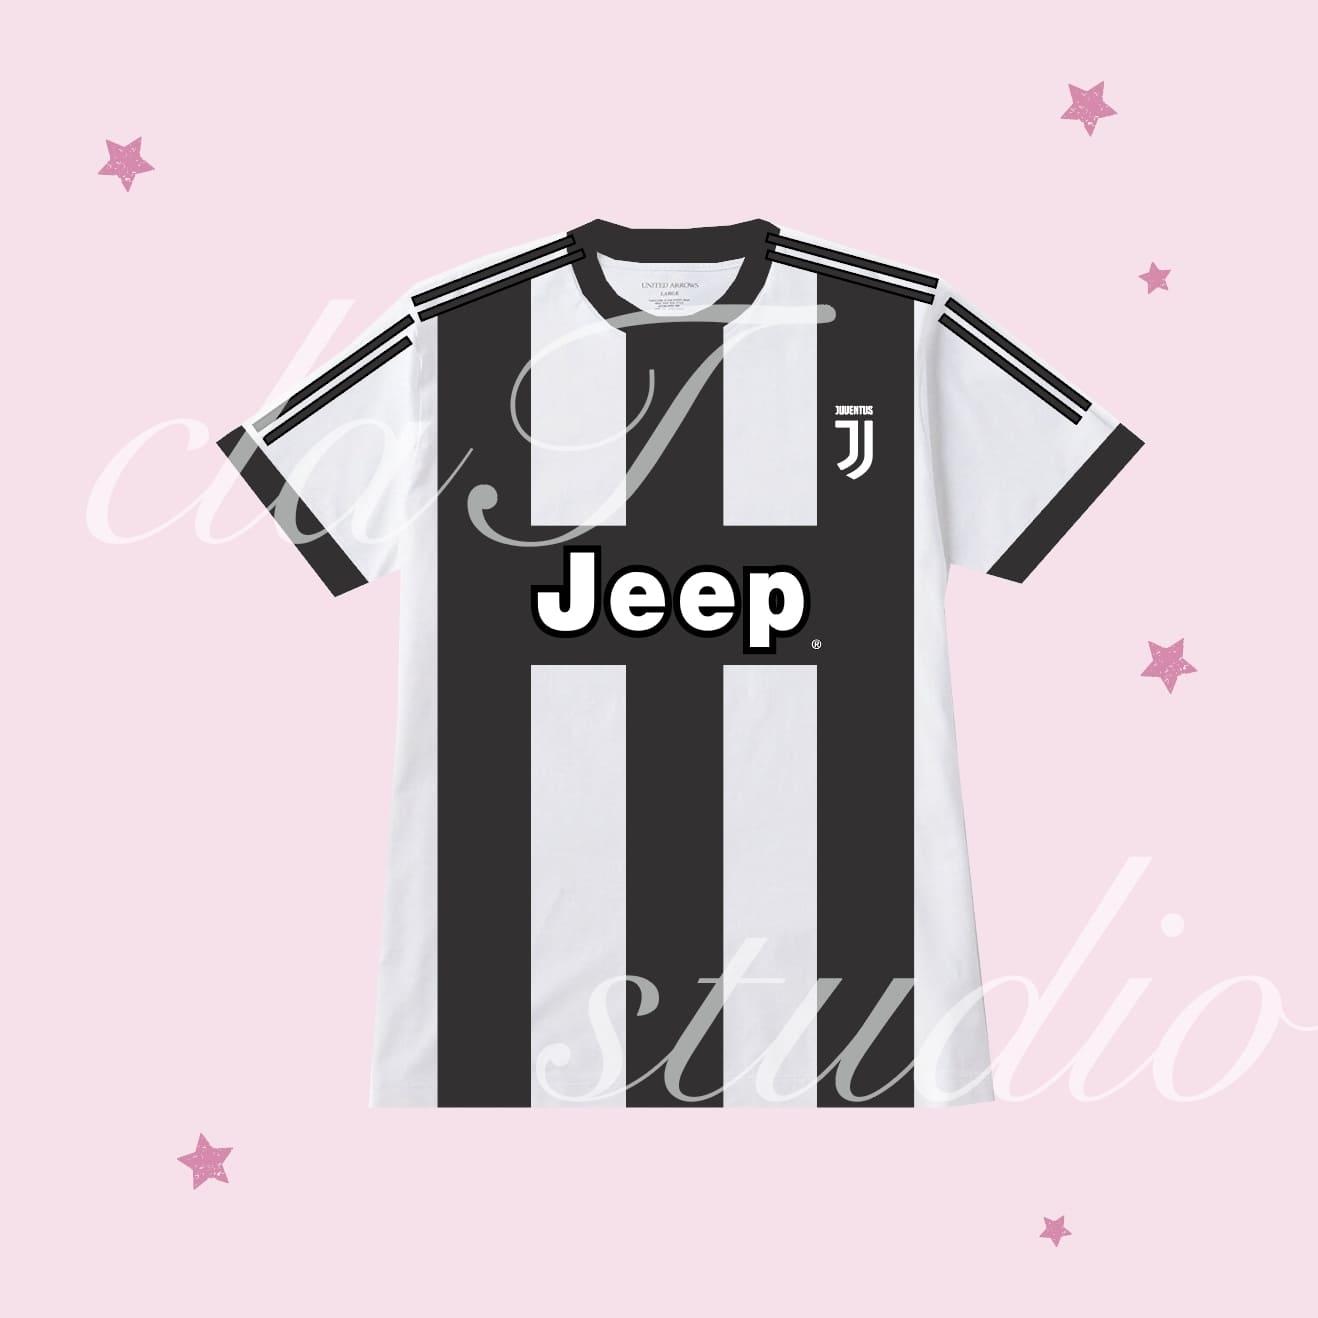 黒のサッカーユニフォームクラスtシャツ_image_0003